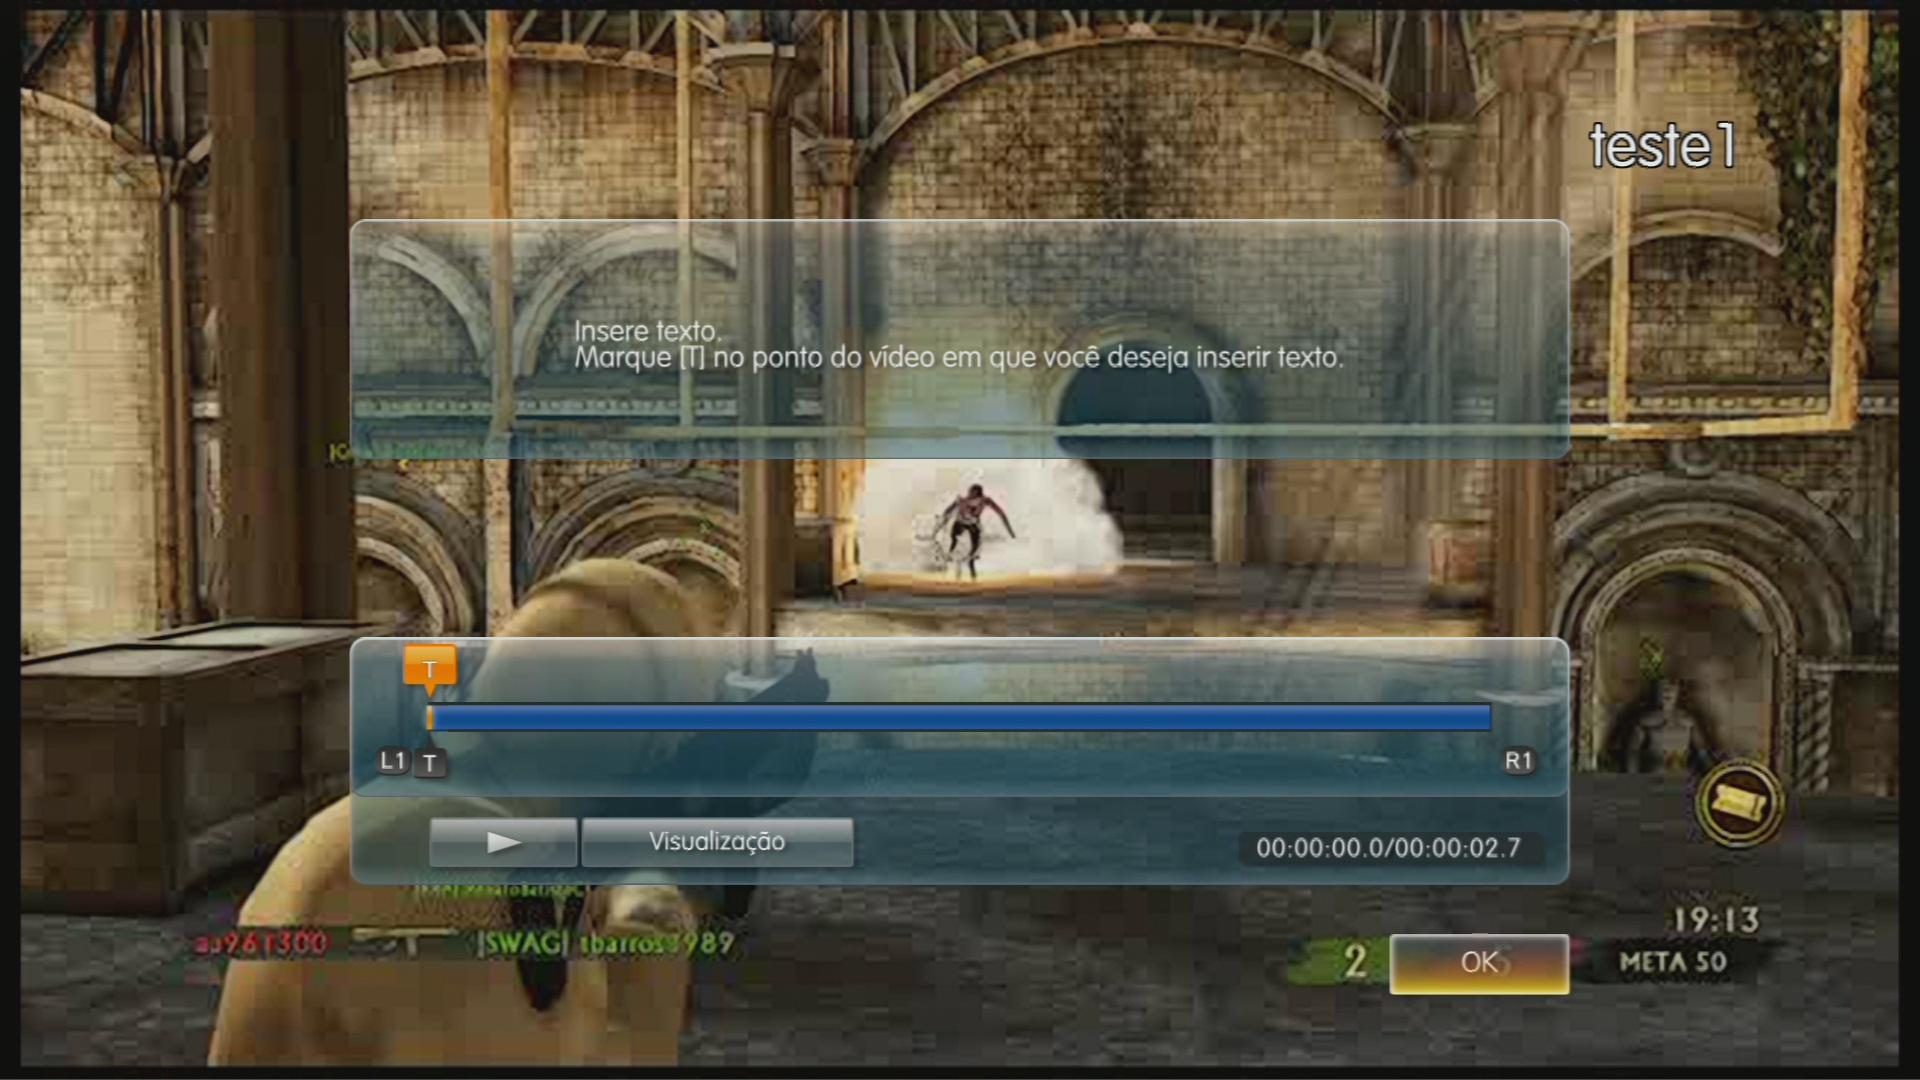 Também é possível inserir textos informativos em qualquer parte da tela. (Foto: Reprodução)